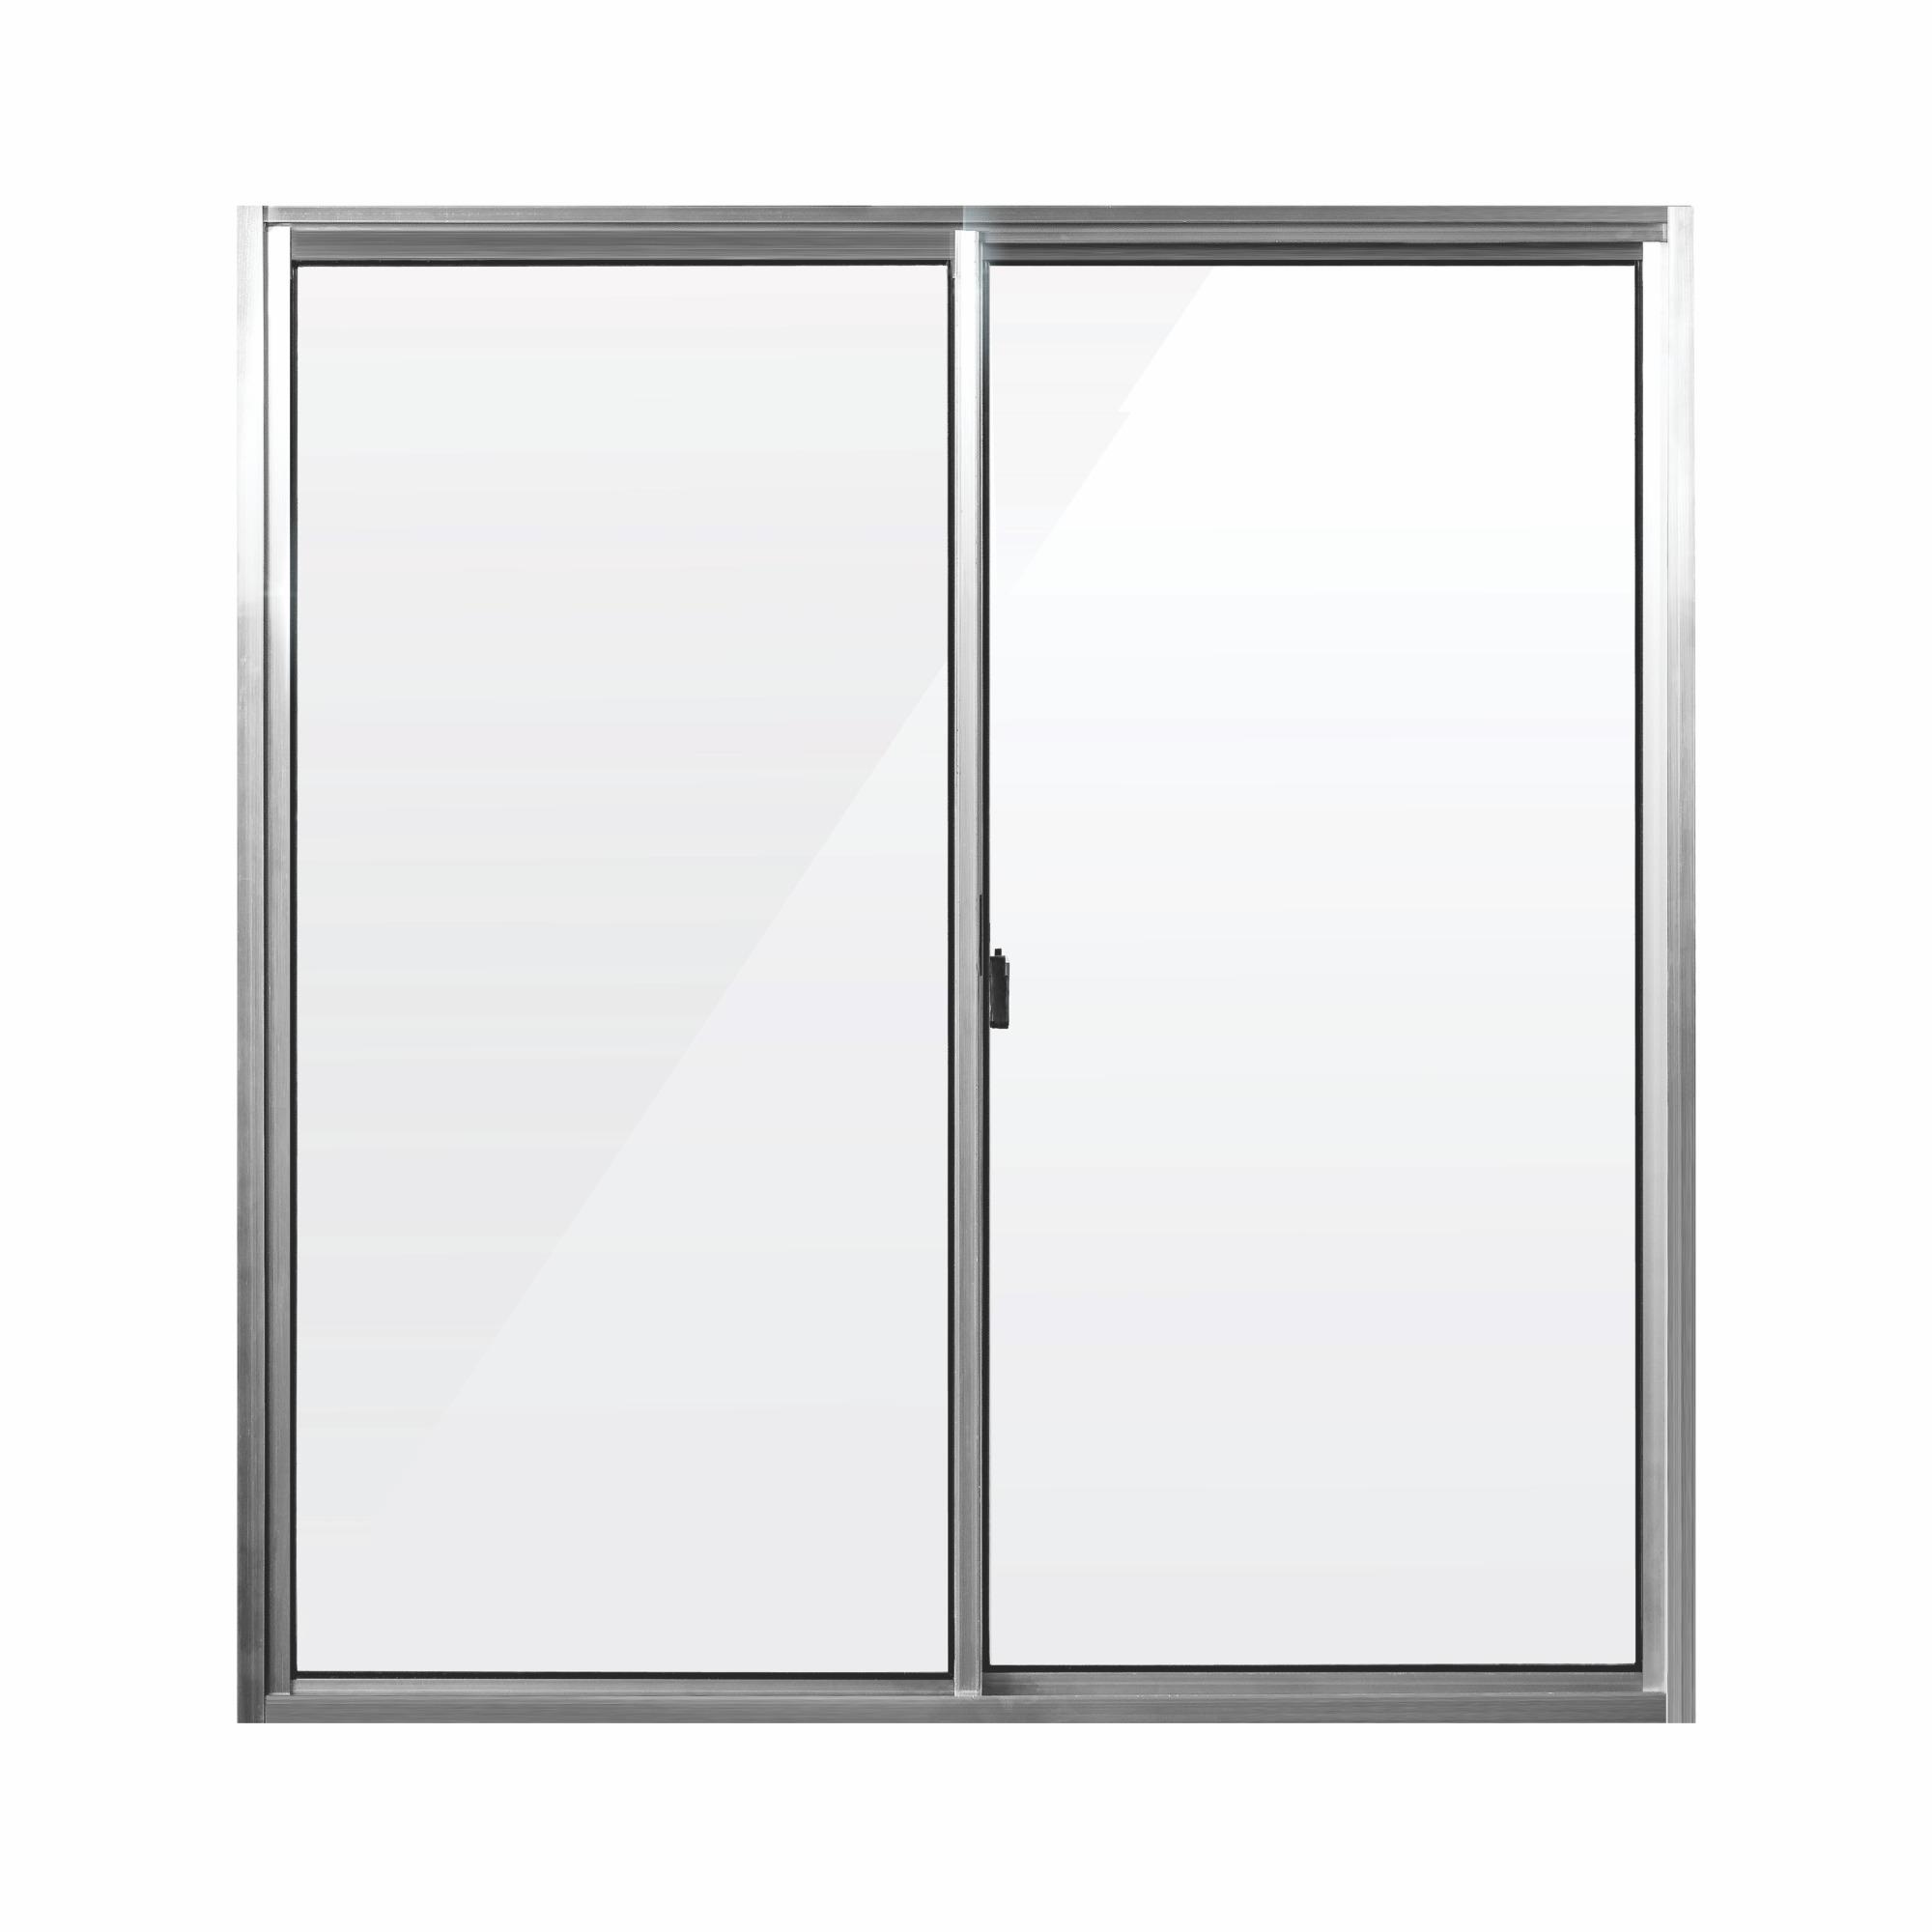 Janela de Correr de Aluminio 2 Folhas Vidro Liso 80x80 cm - Aluvid